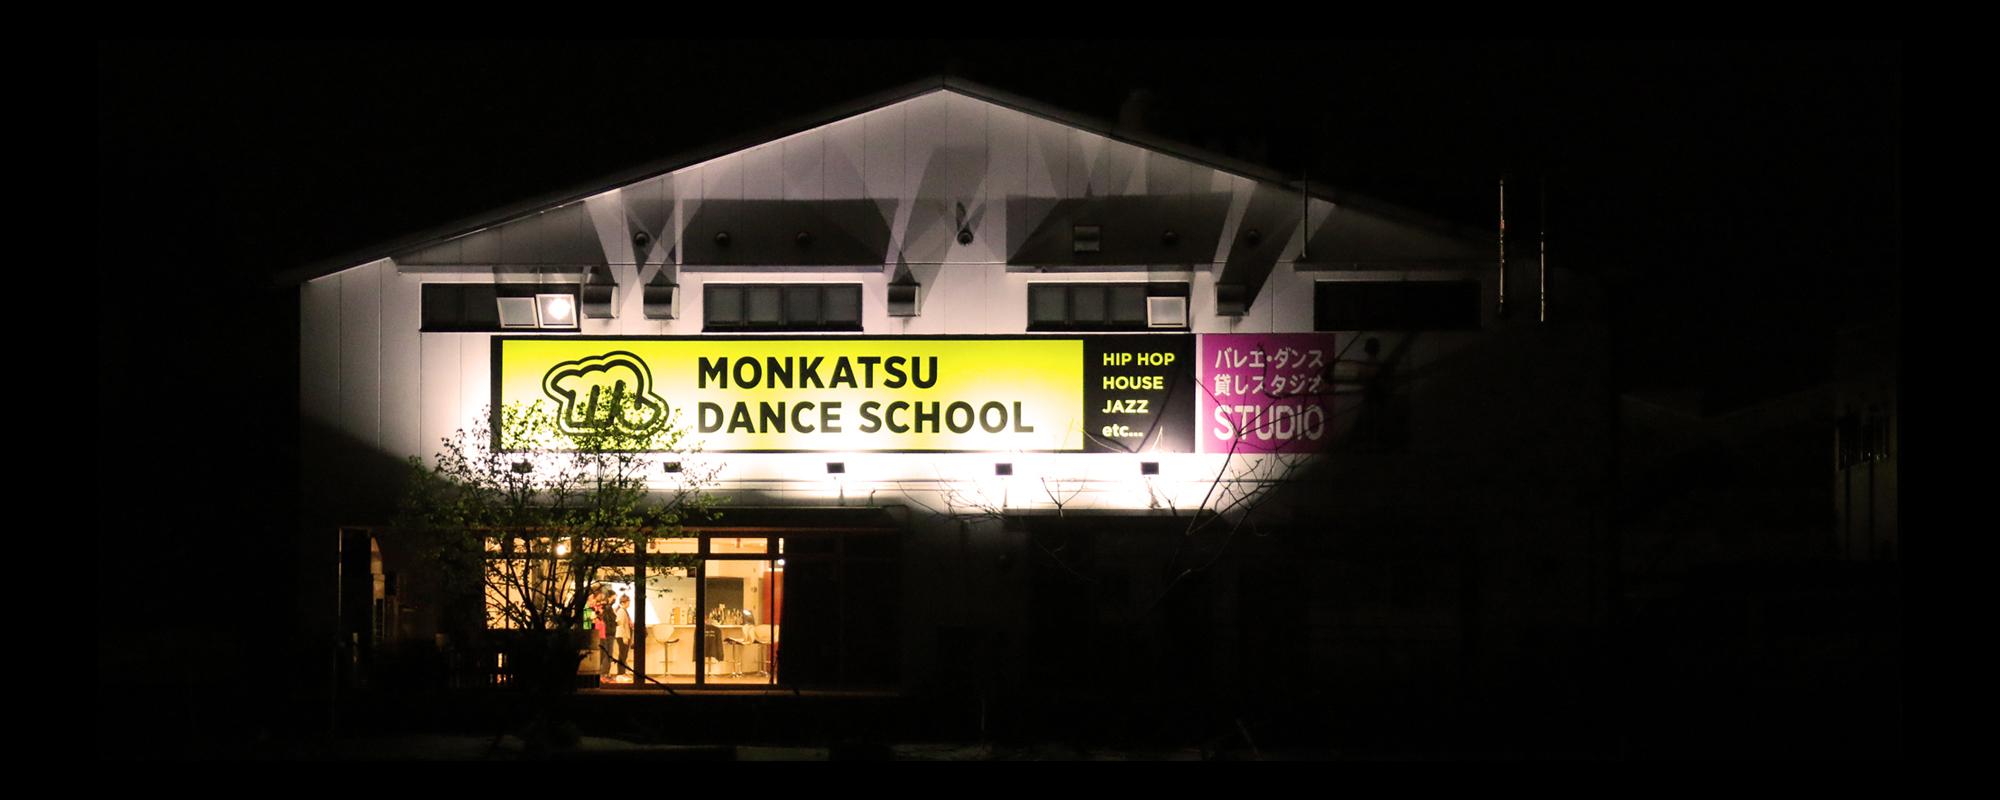 MONKATSU DANCE SCHOOL モンカツダンススクール | 福山市のダンススクールCONTACT|外観イメージ